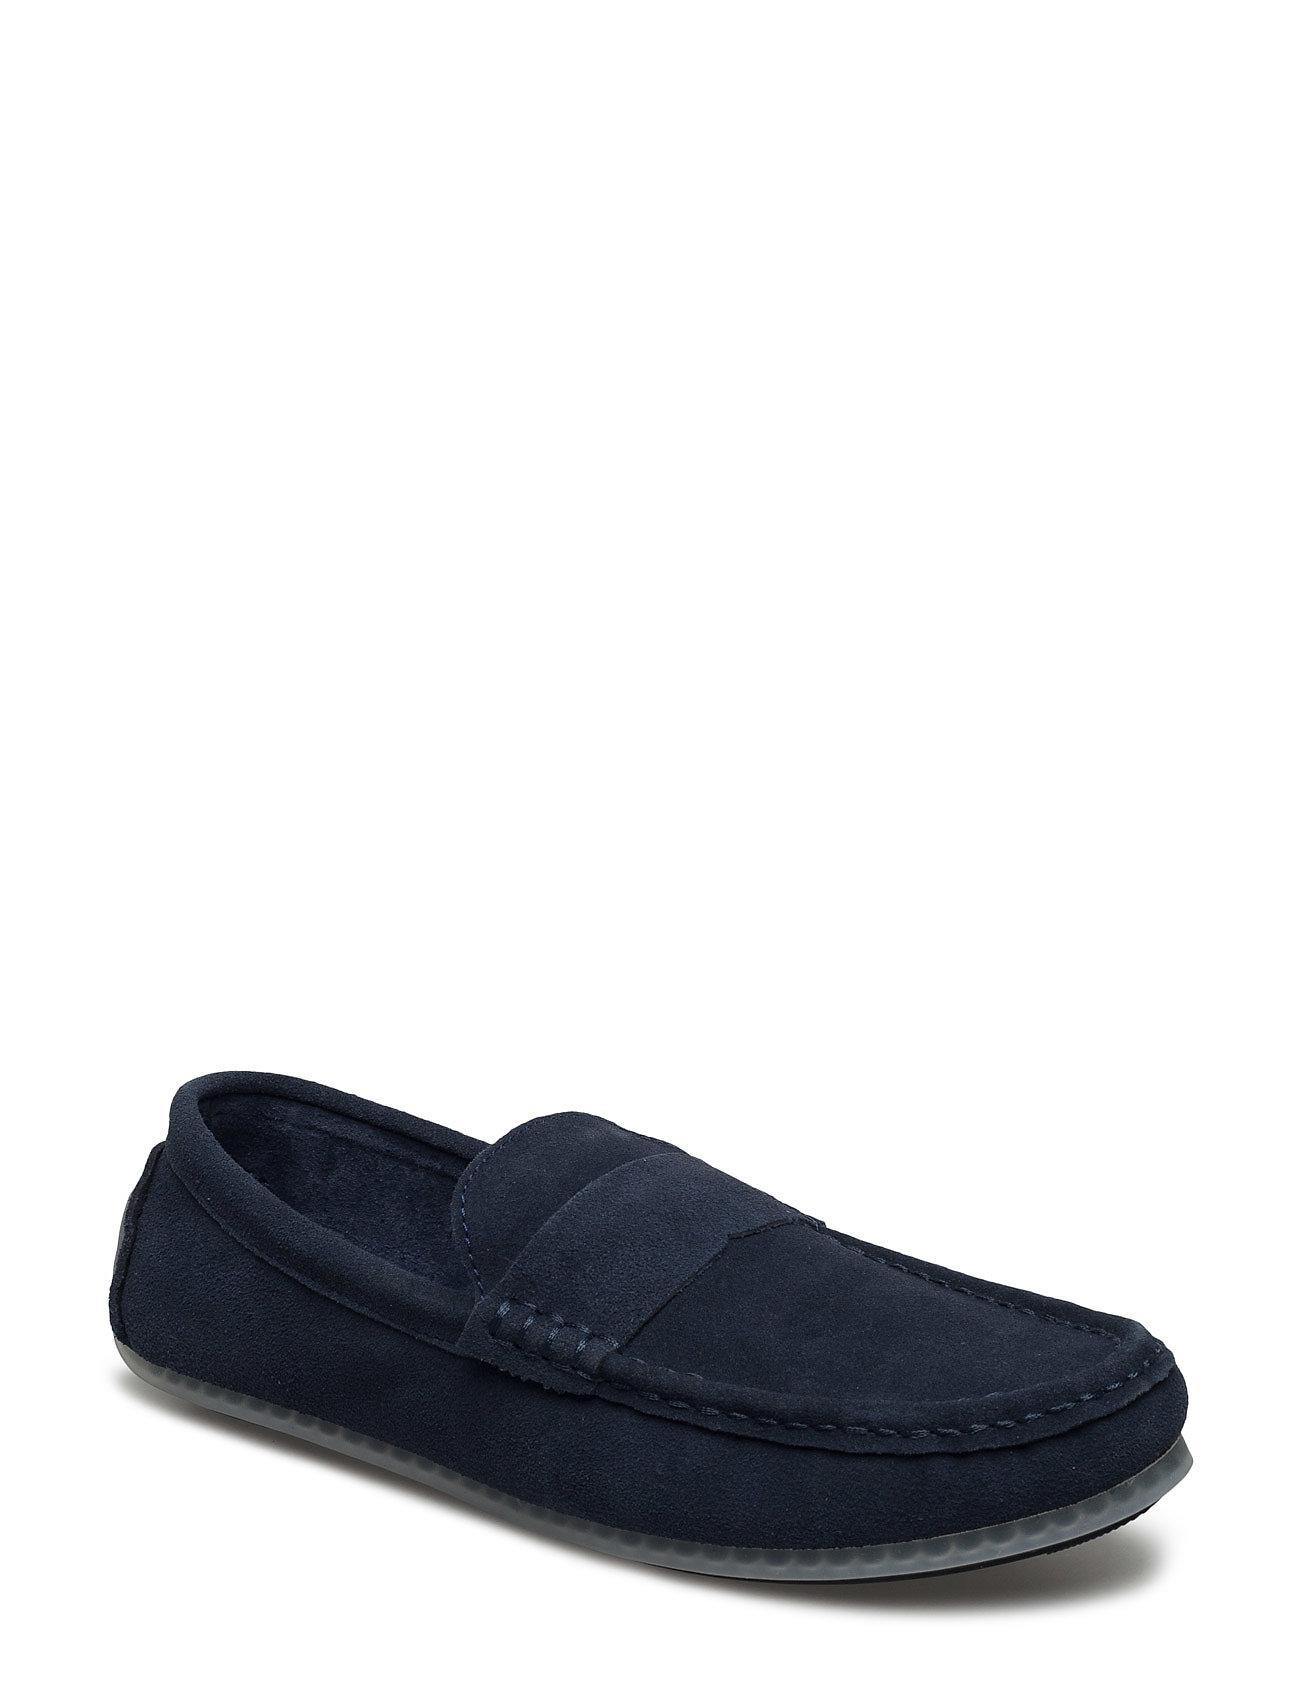 Suede Loafer Bianco Casual sko til Herrer i Marine blå